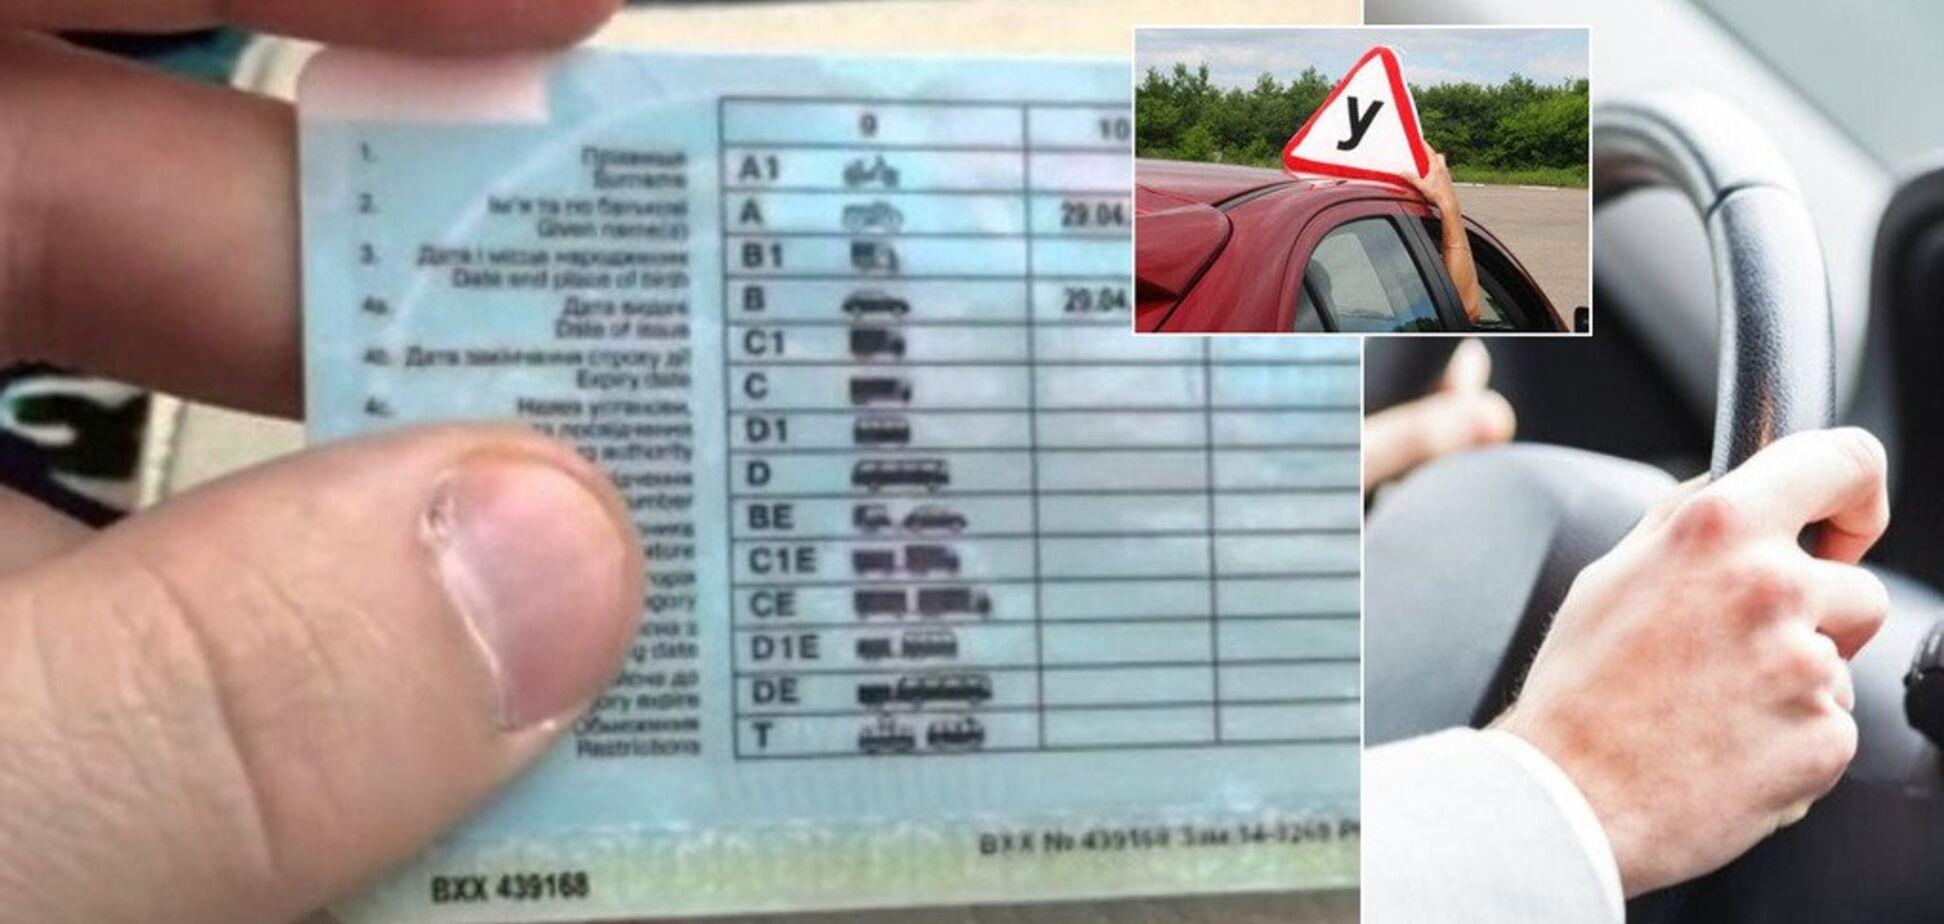 Выплаты на 40% больше и группа крови в правах: украинских водителей ждут серьезные изменения